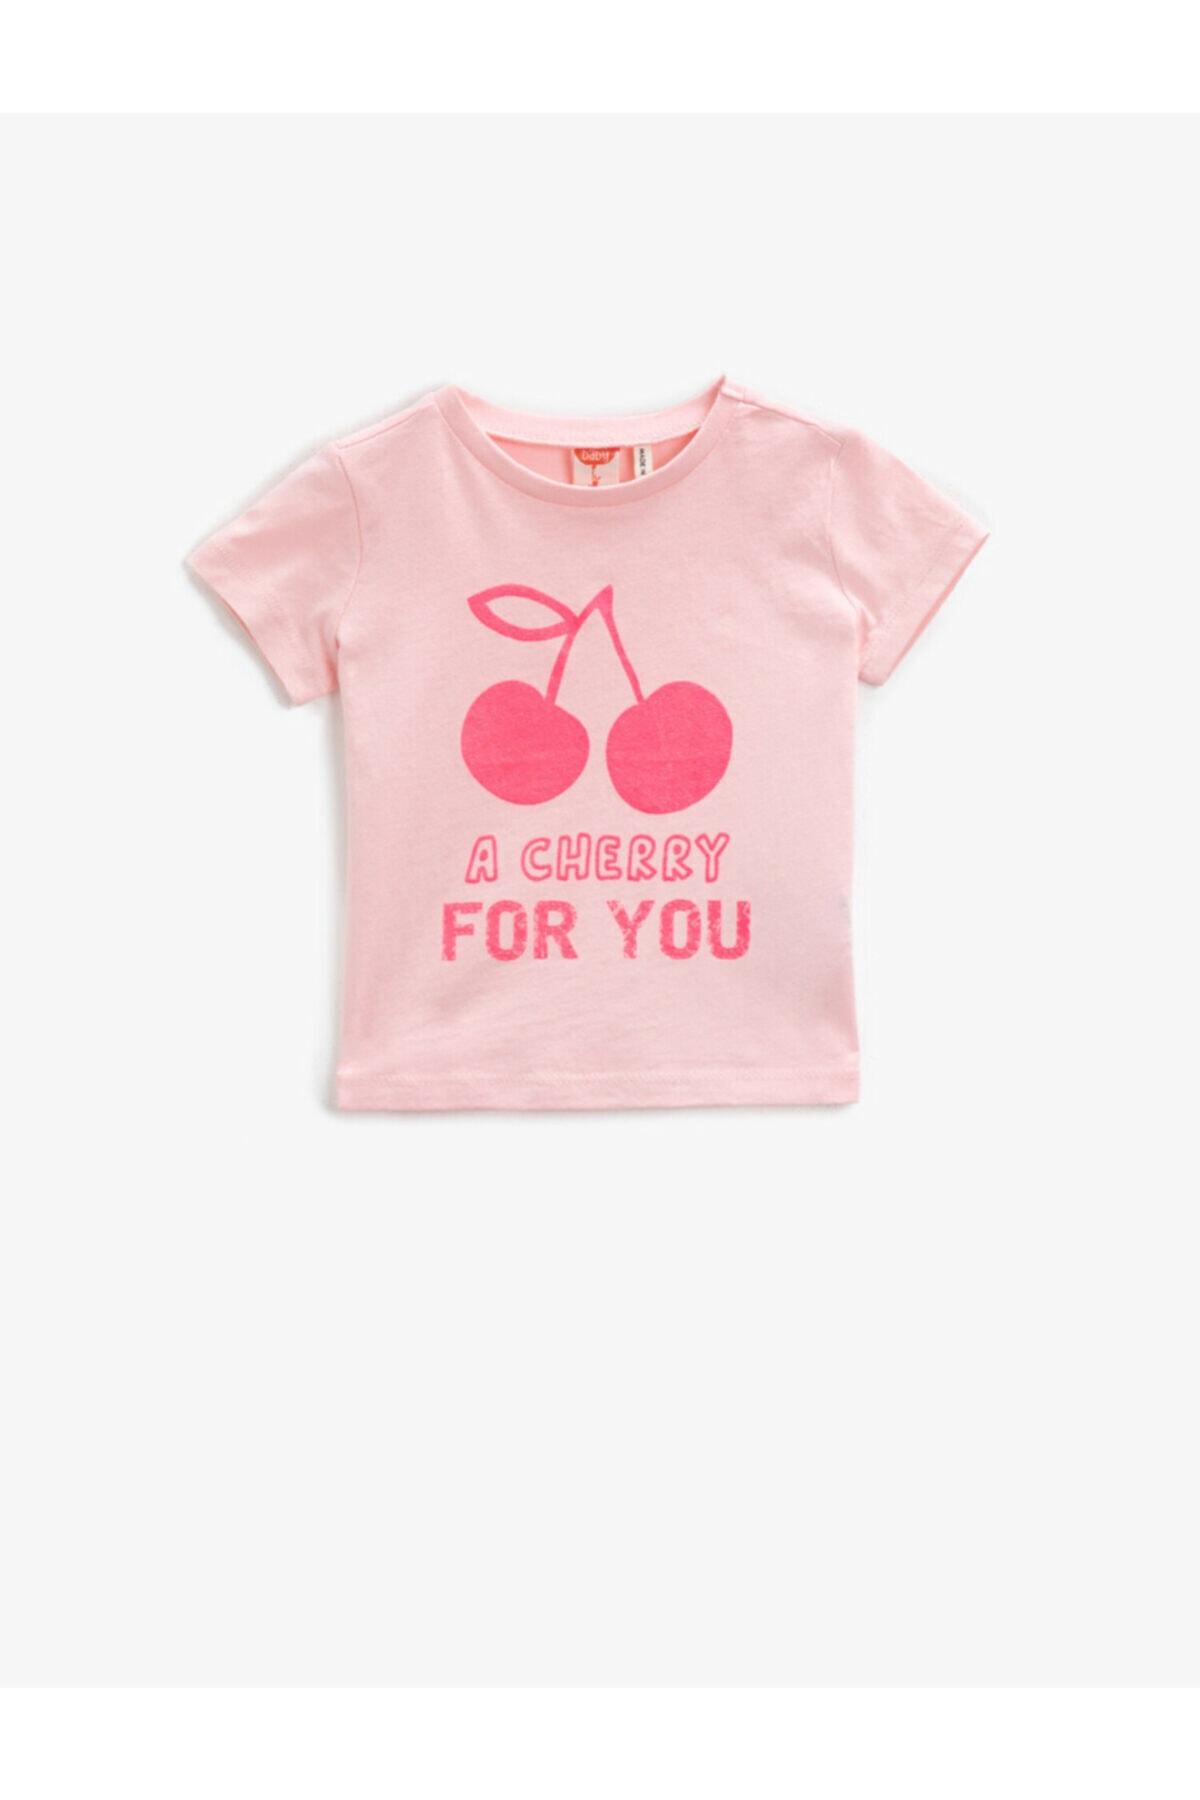 خرید نقدی تیشرت نوزاد دخترانه فروشگاه اینترنتی برند کوتون رنگ صورتی ty93609919